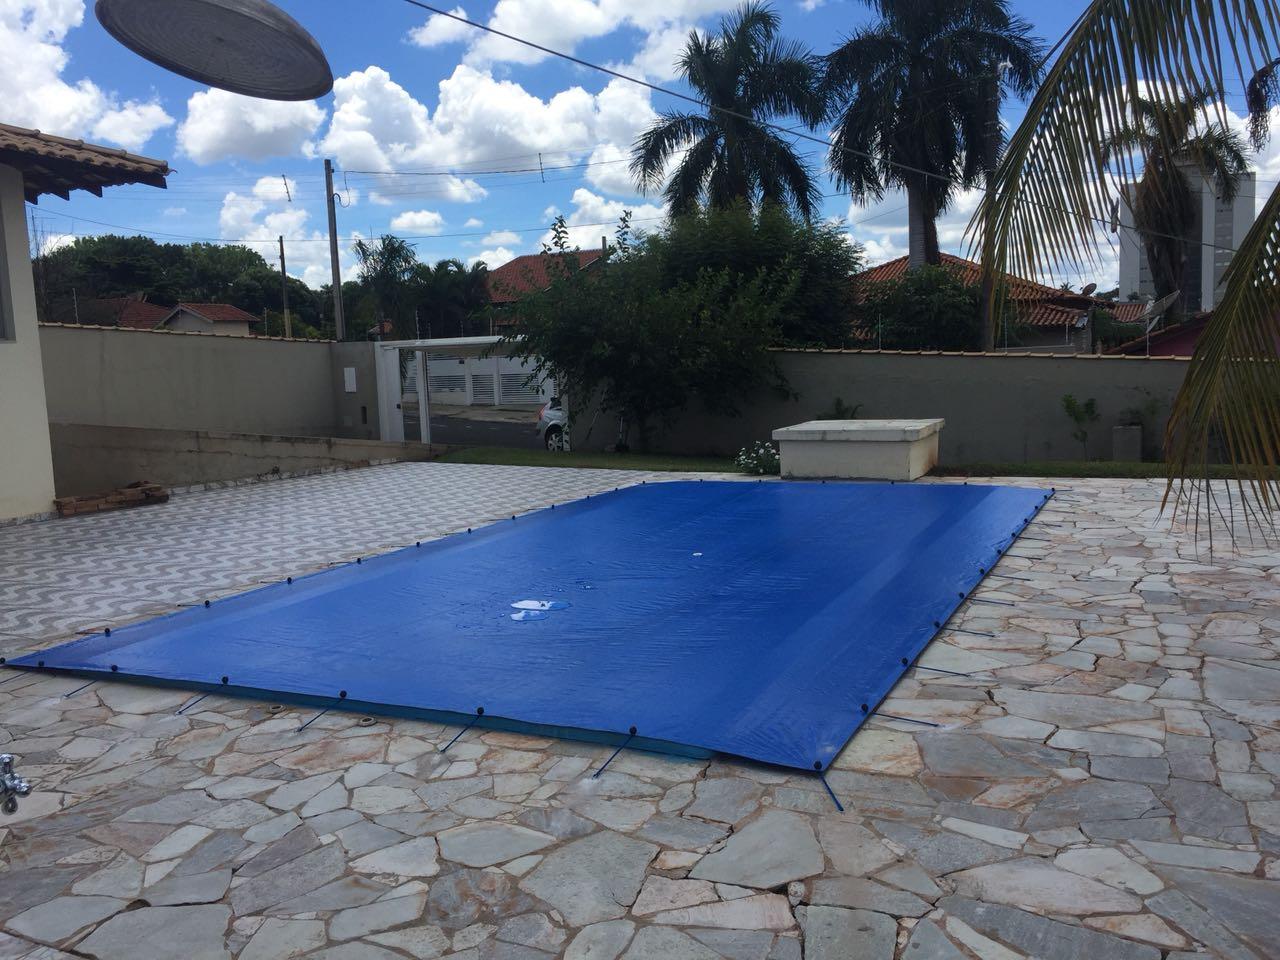 Capa para Piscina Proteção Azul 300 Micras - 2,5x3,5